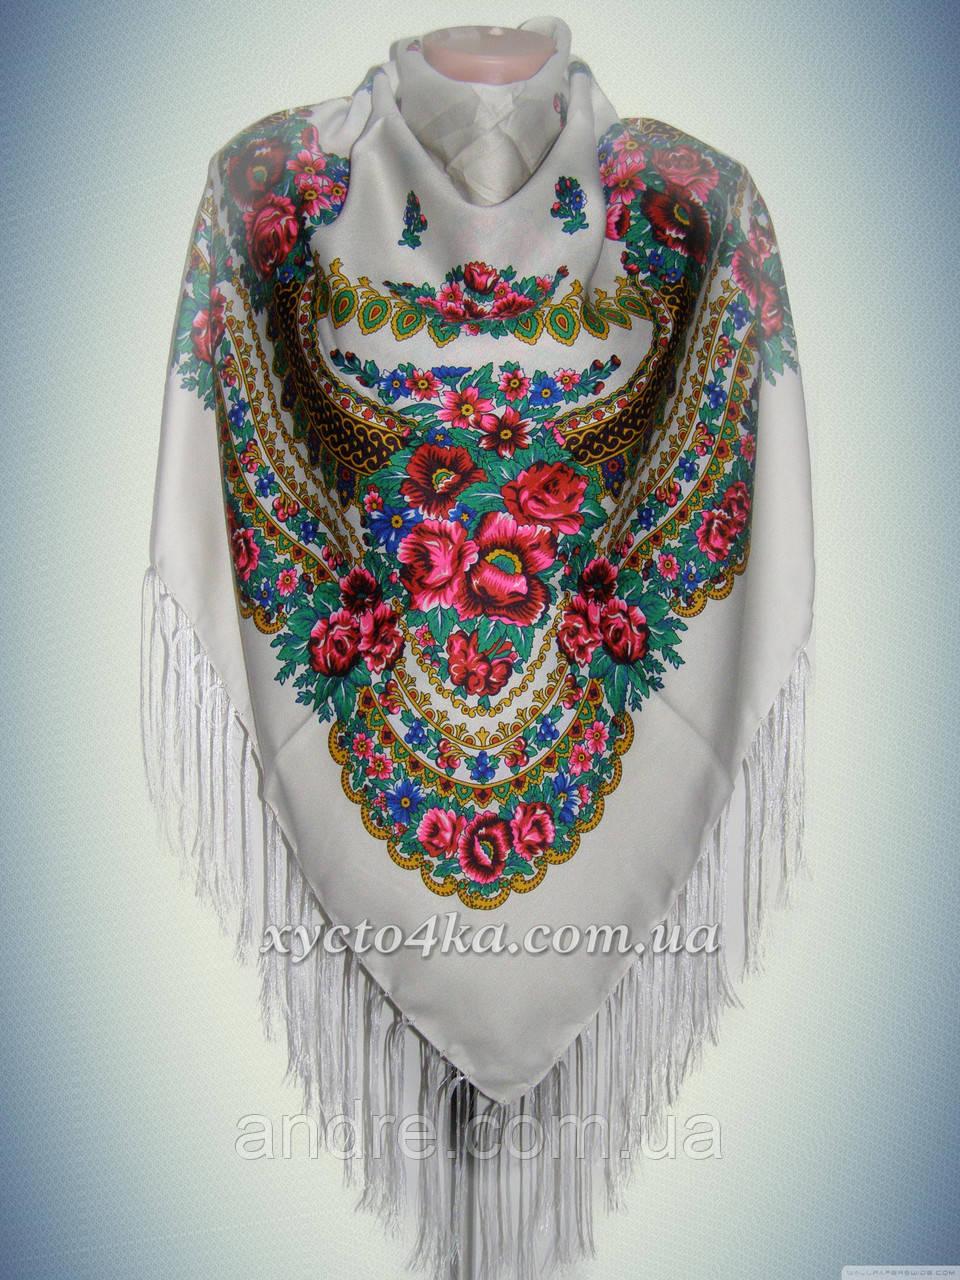 Шерстяной платок в народном стиле, молочный